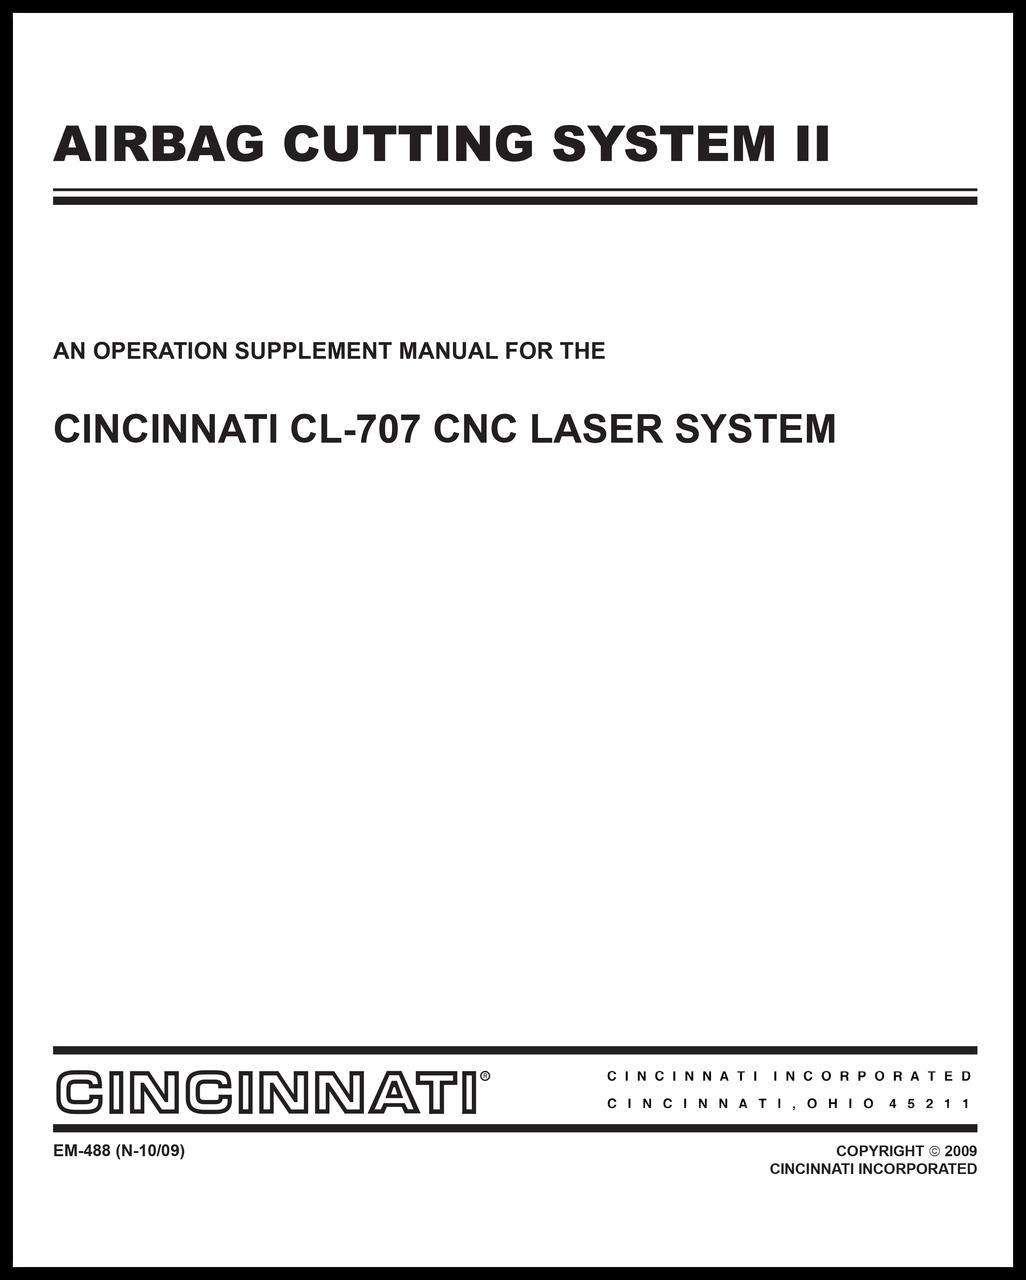 EM-488 (N-10-09) Airbag Cutting System II